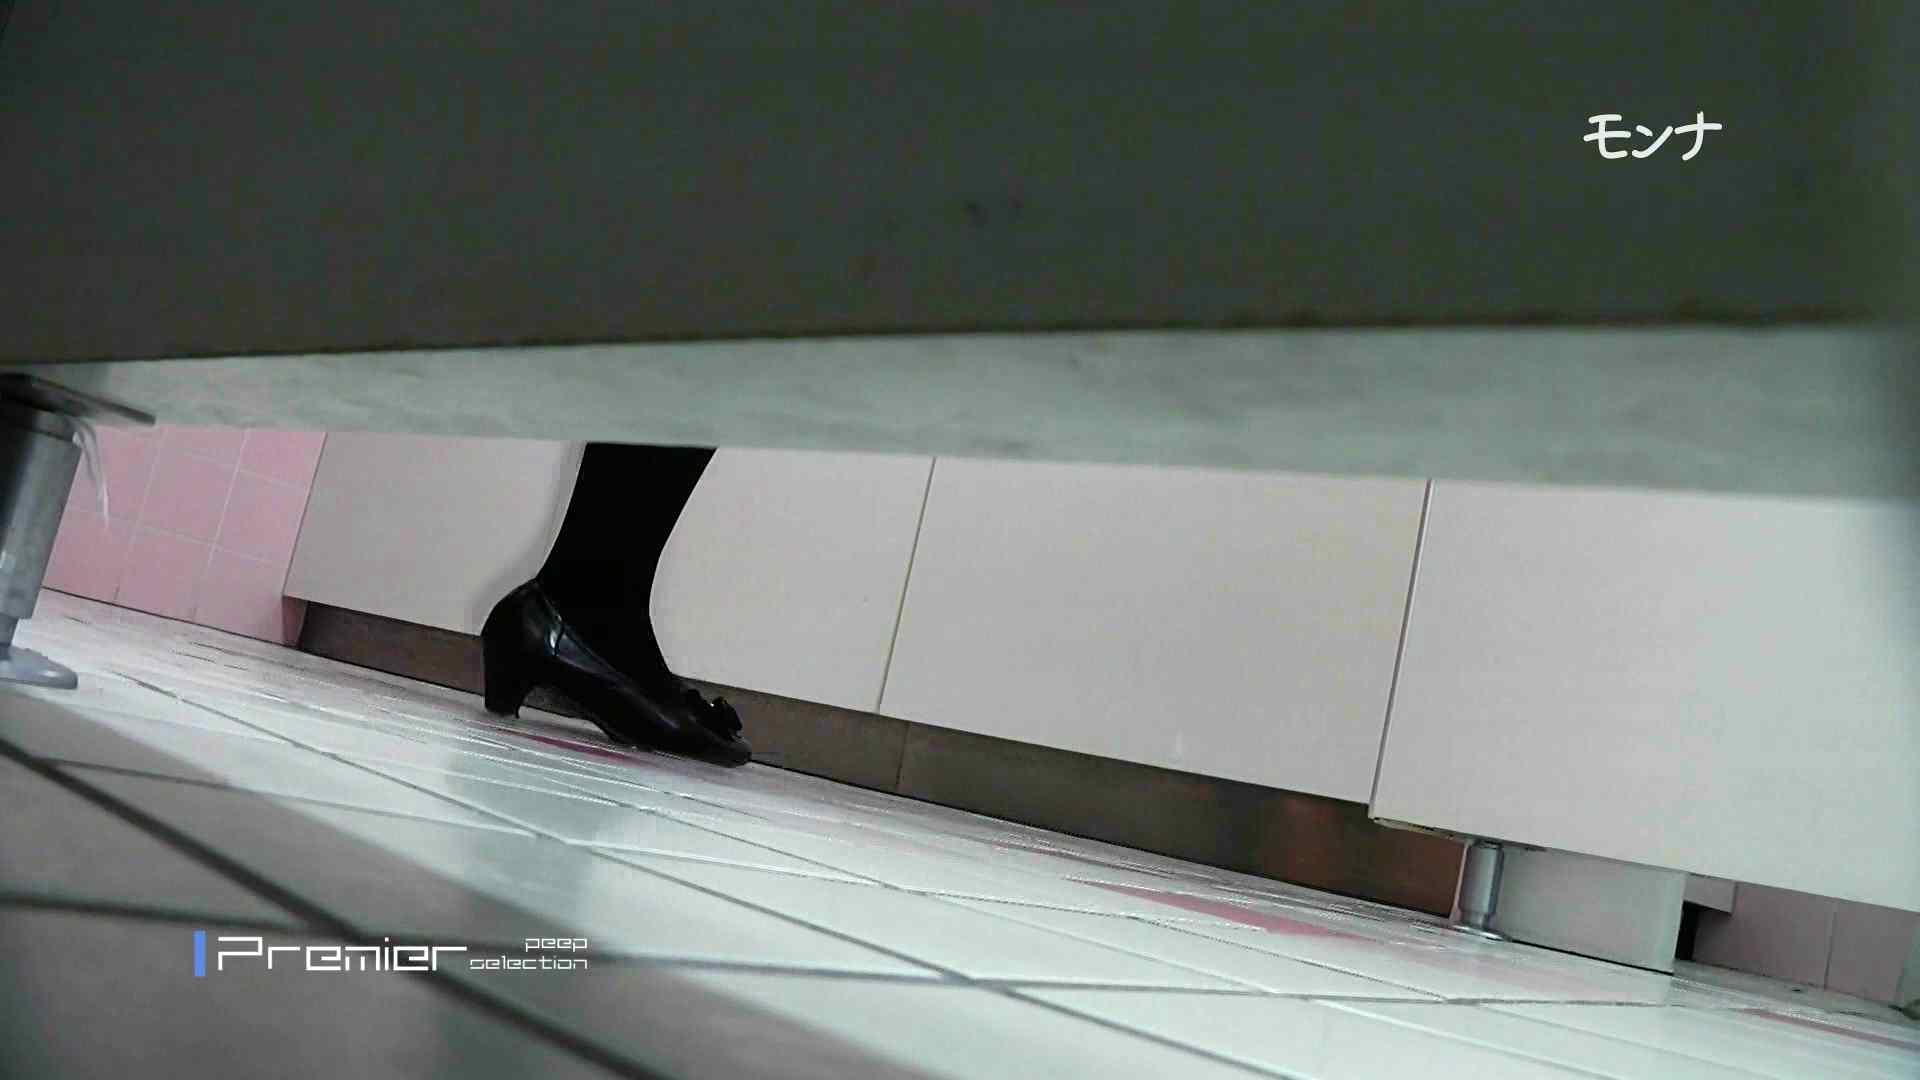 遂に!!戸田恵梨香似の予告モデル登場ダッシュで「大」 おまんこ無修正 盗撮われめAV動画紹介 105pic 104